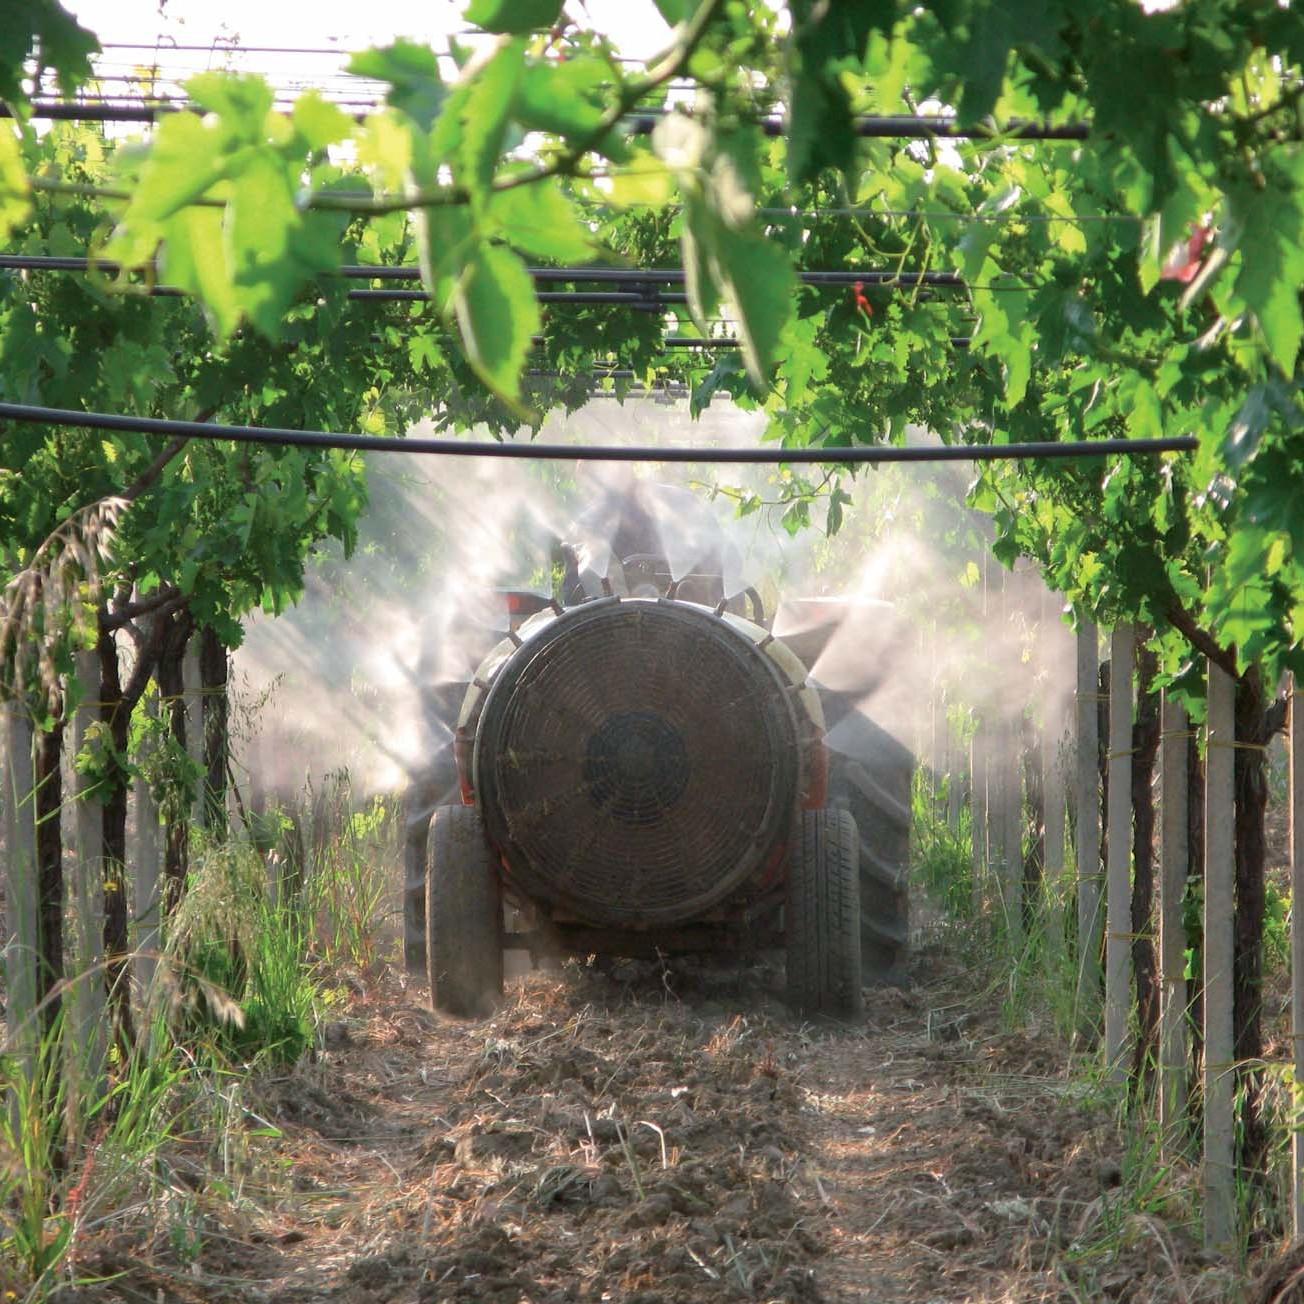 Prodotti fitosanitari agricoltura biologica